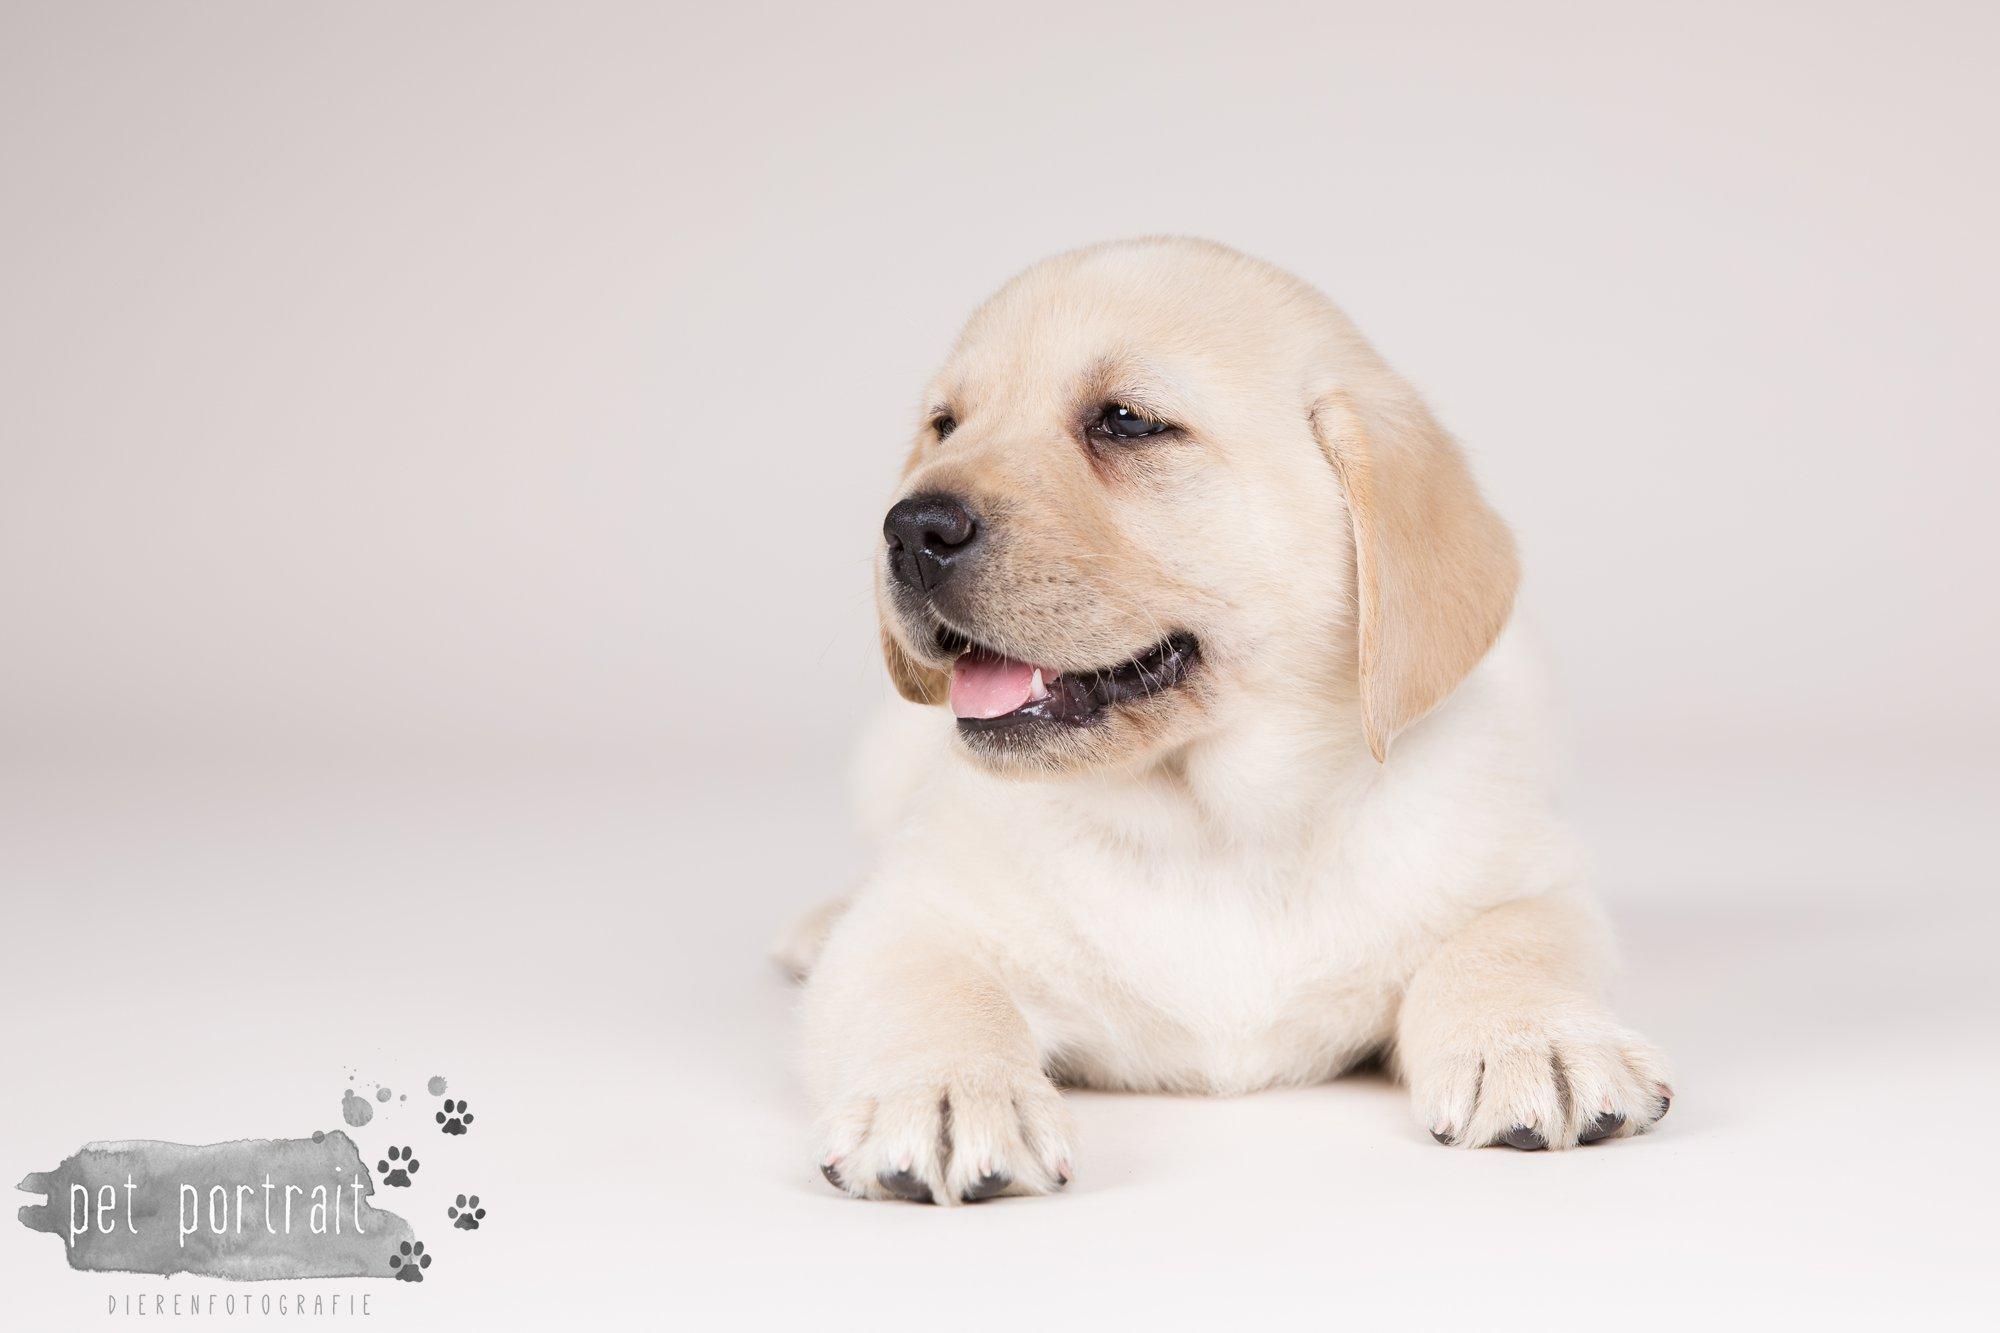 Hondenfotograaf Hillegom - Nestfotoshoot voor Labrador pups-20